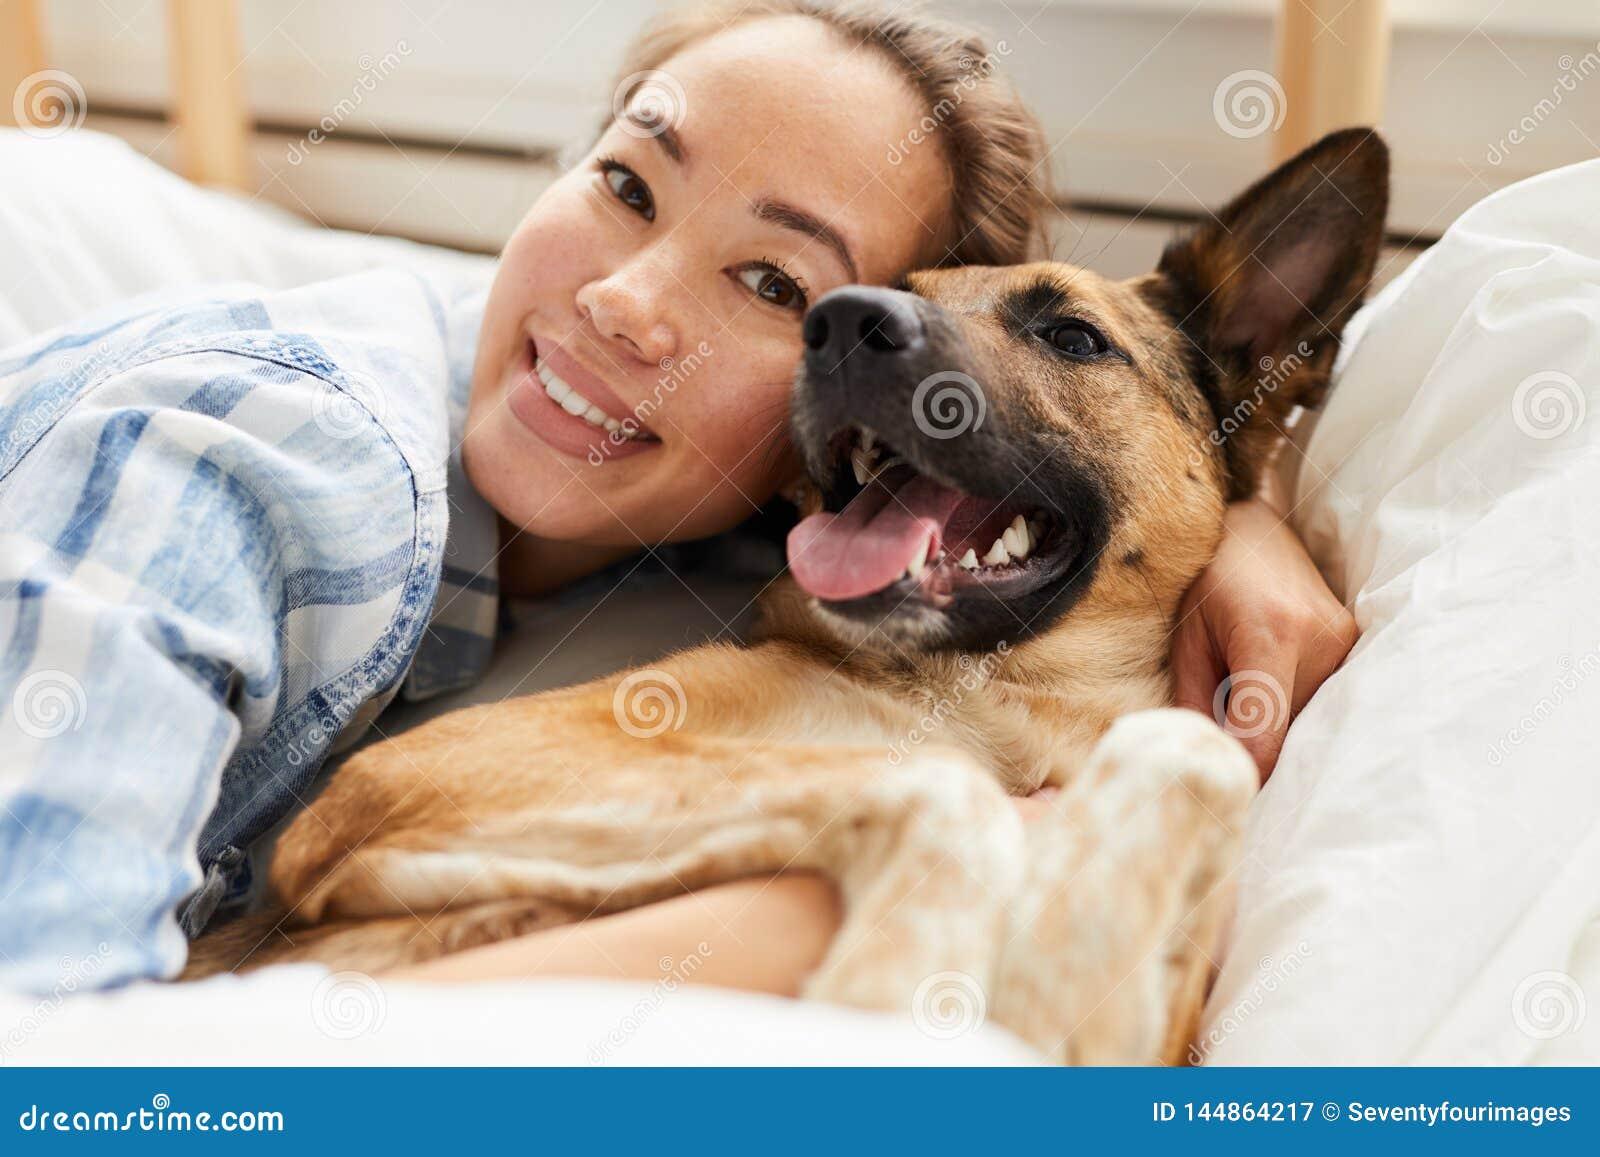 Beautiful Asian Woman Hugging Dog